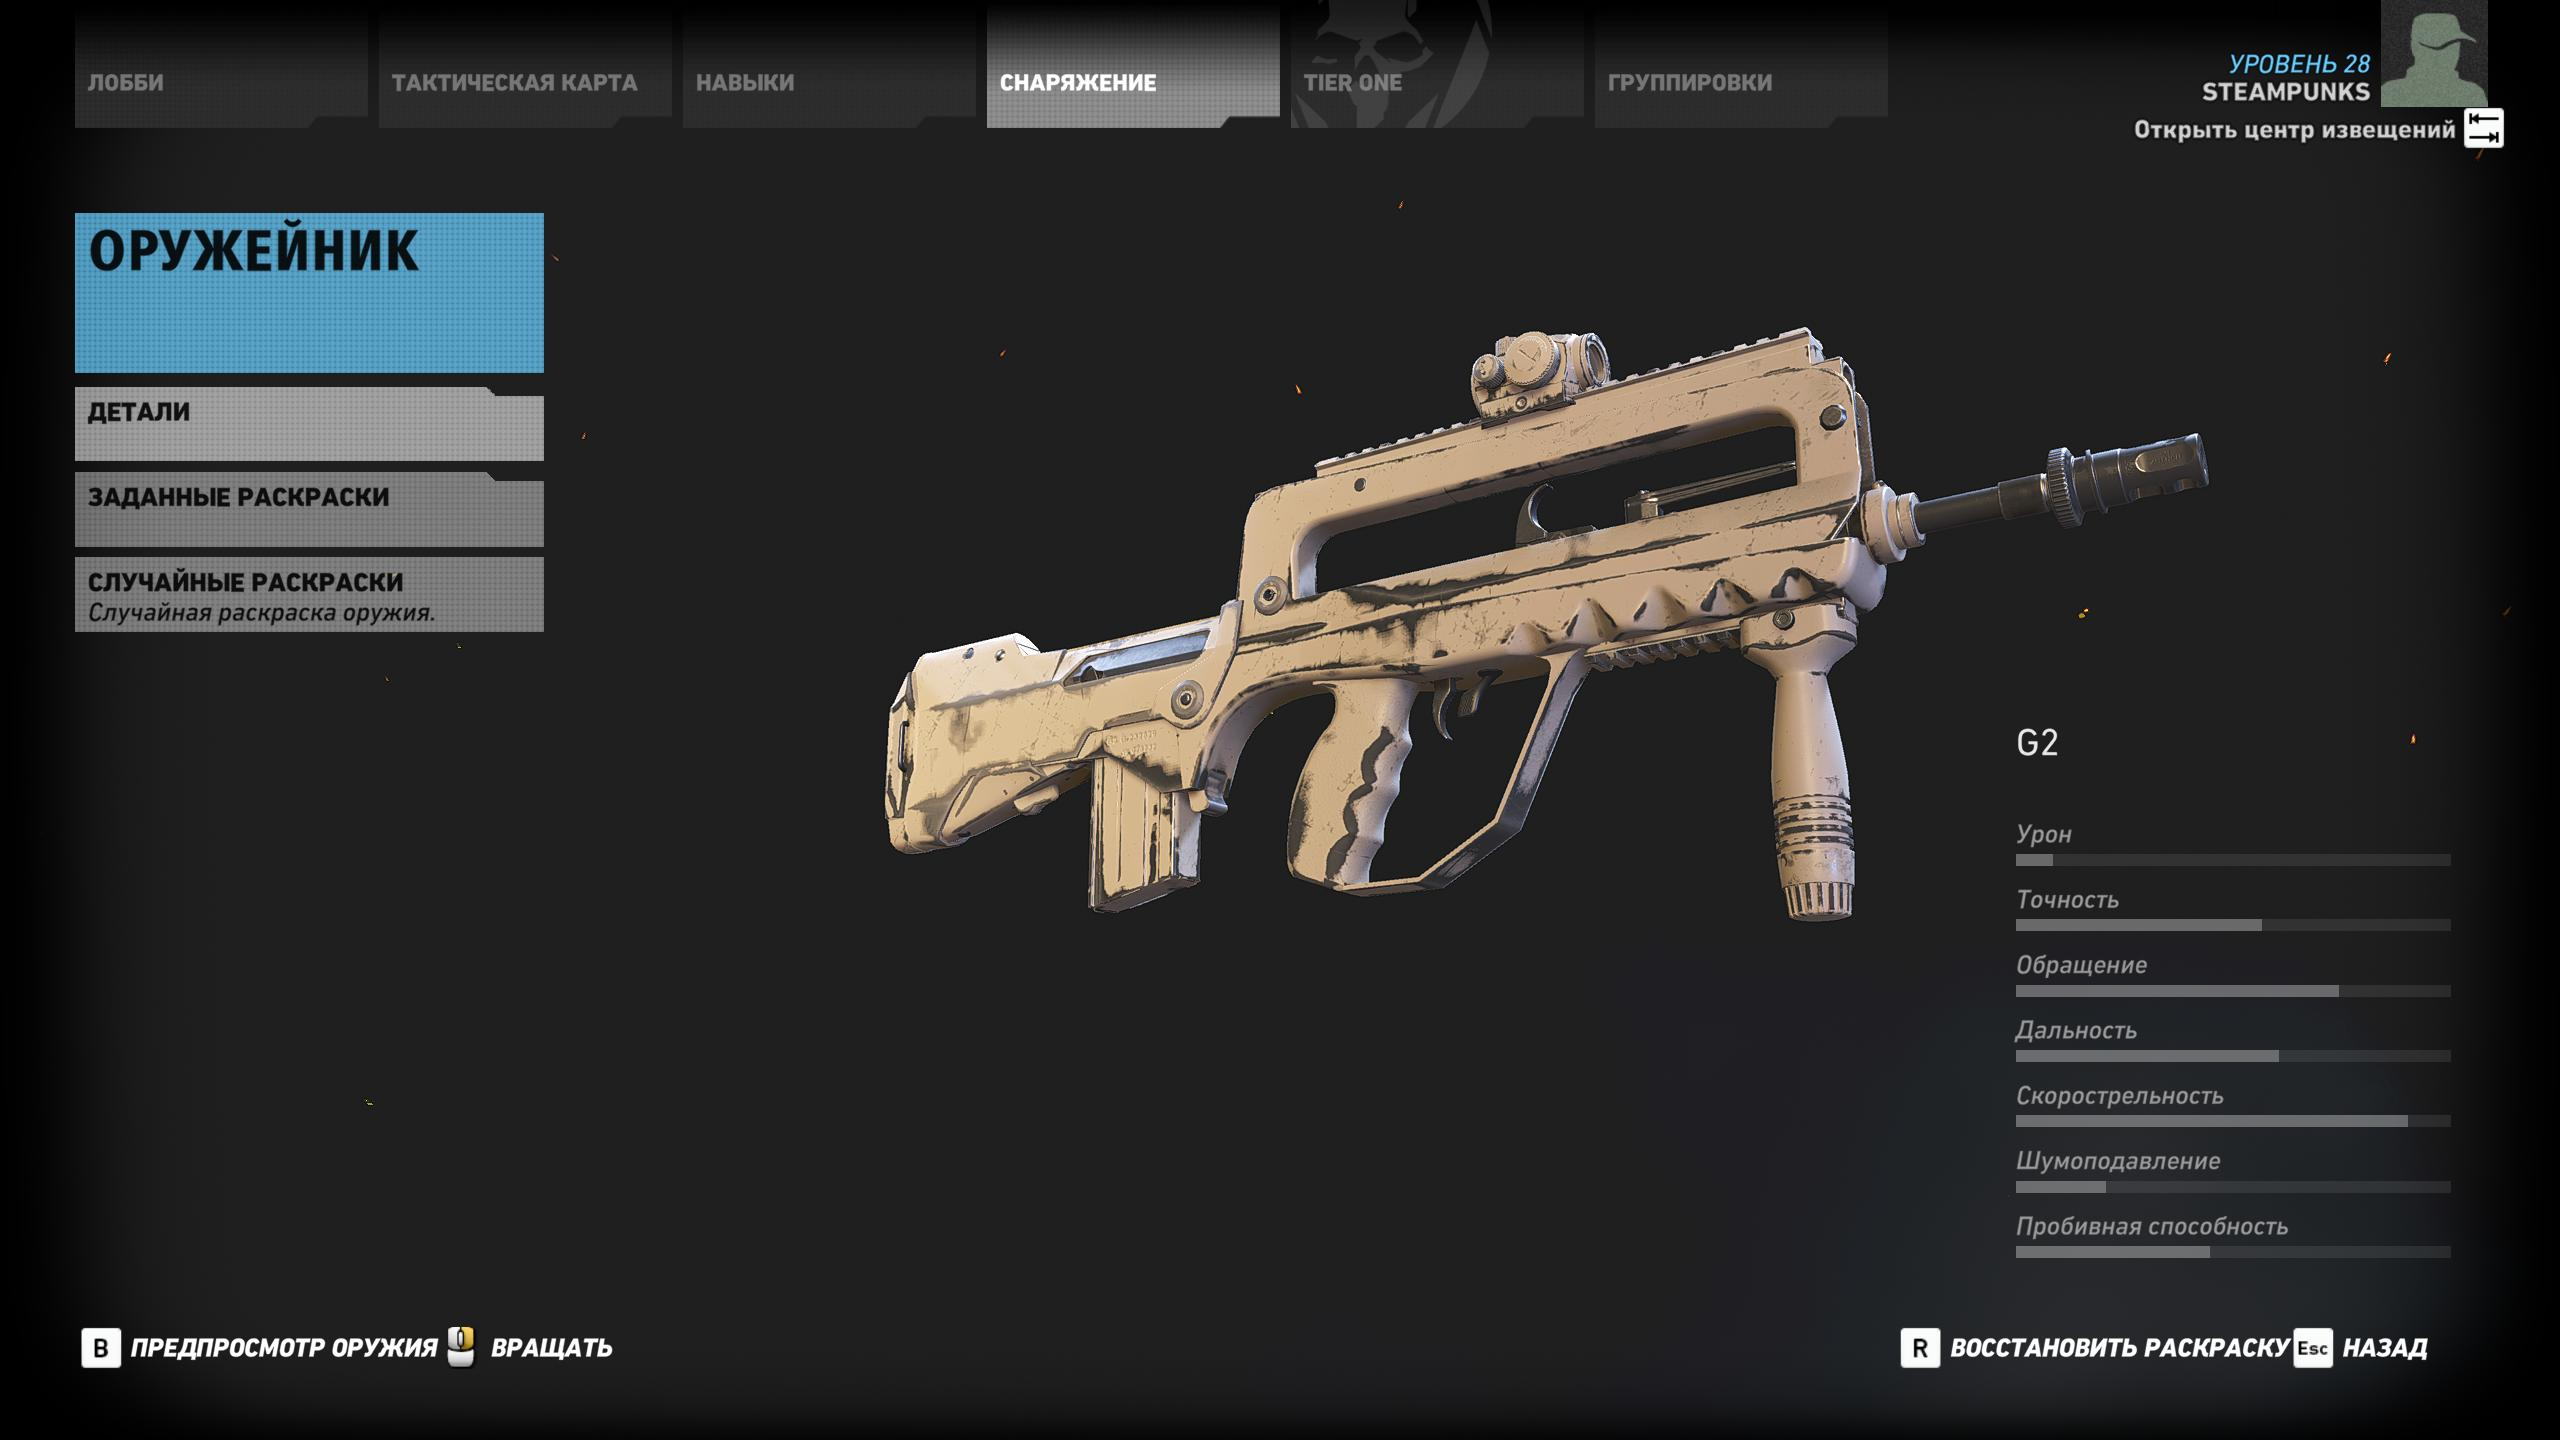 G2 - Tom Clancy's Ghost Recon: Wildlands Оружие